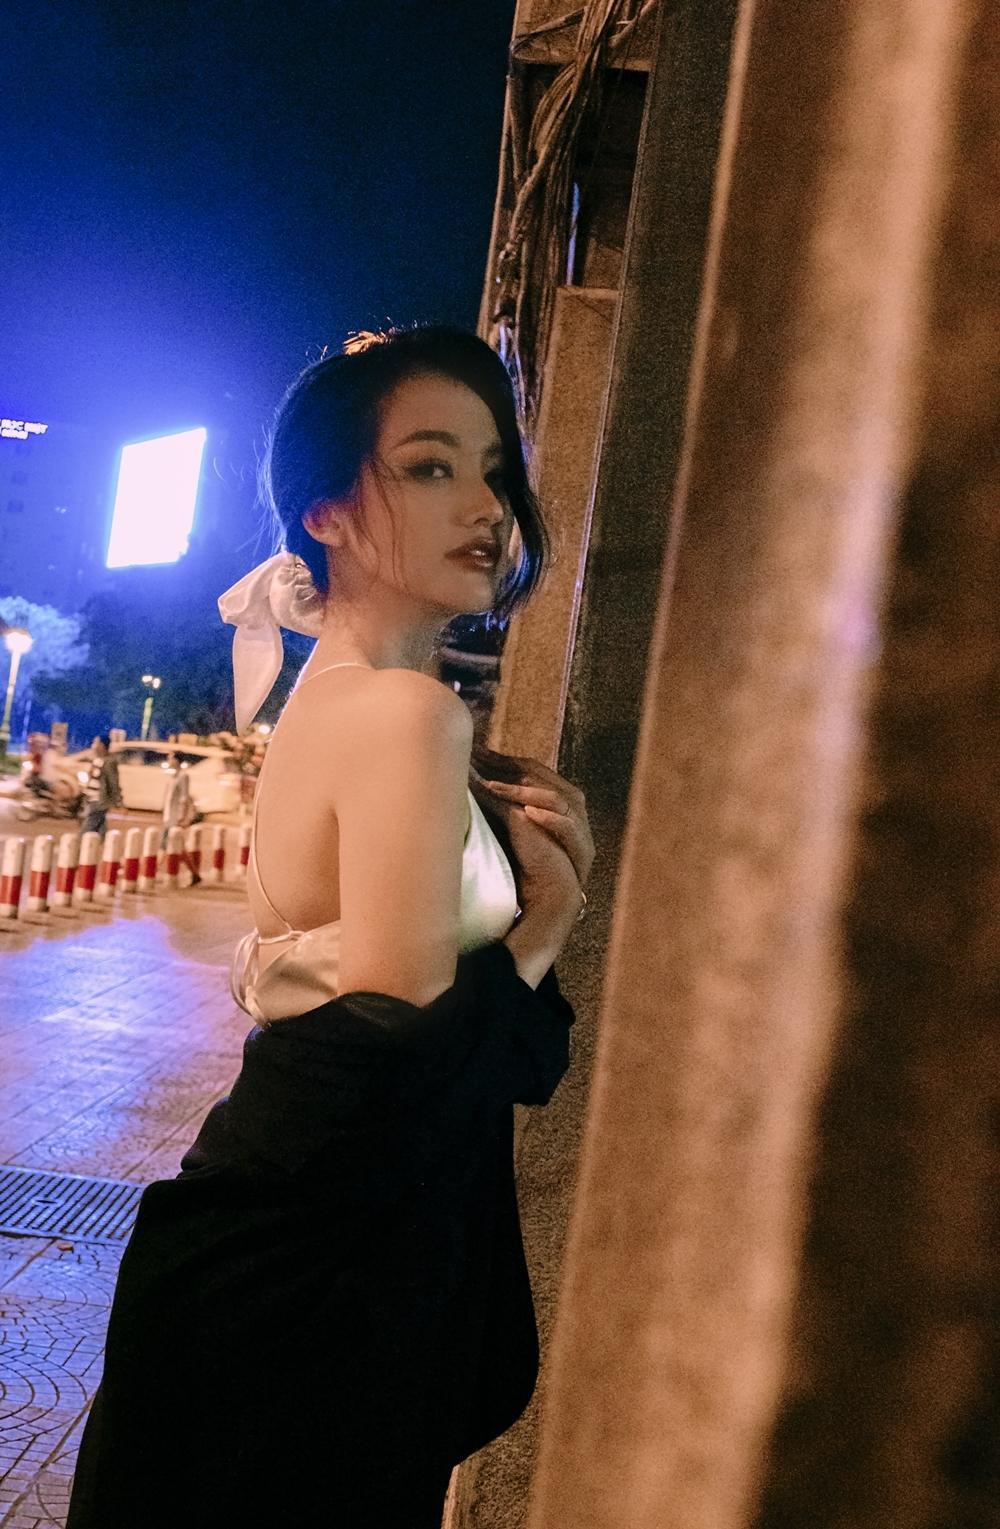 Trương Tri Trúc Diễm quá nỗi gợi cảm giữa đêm Sài Gòn hoa lệ Ảnh 7